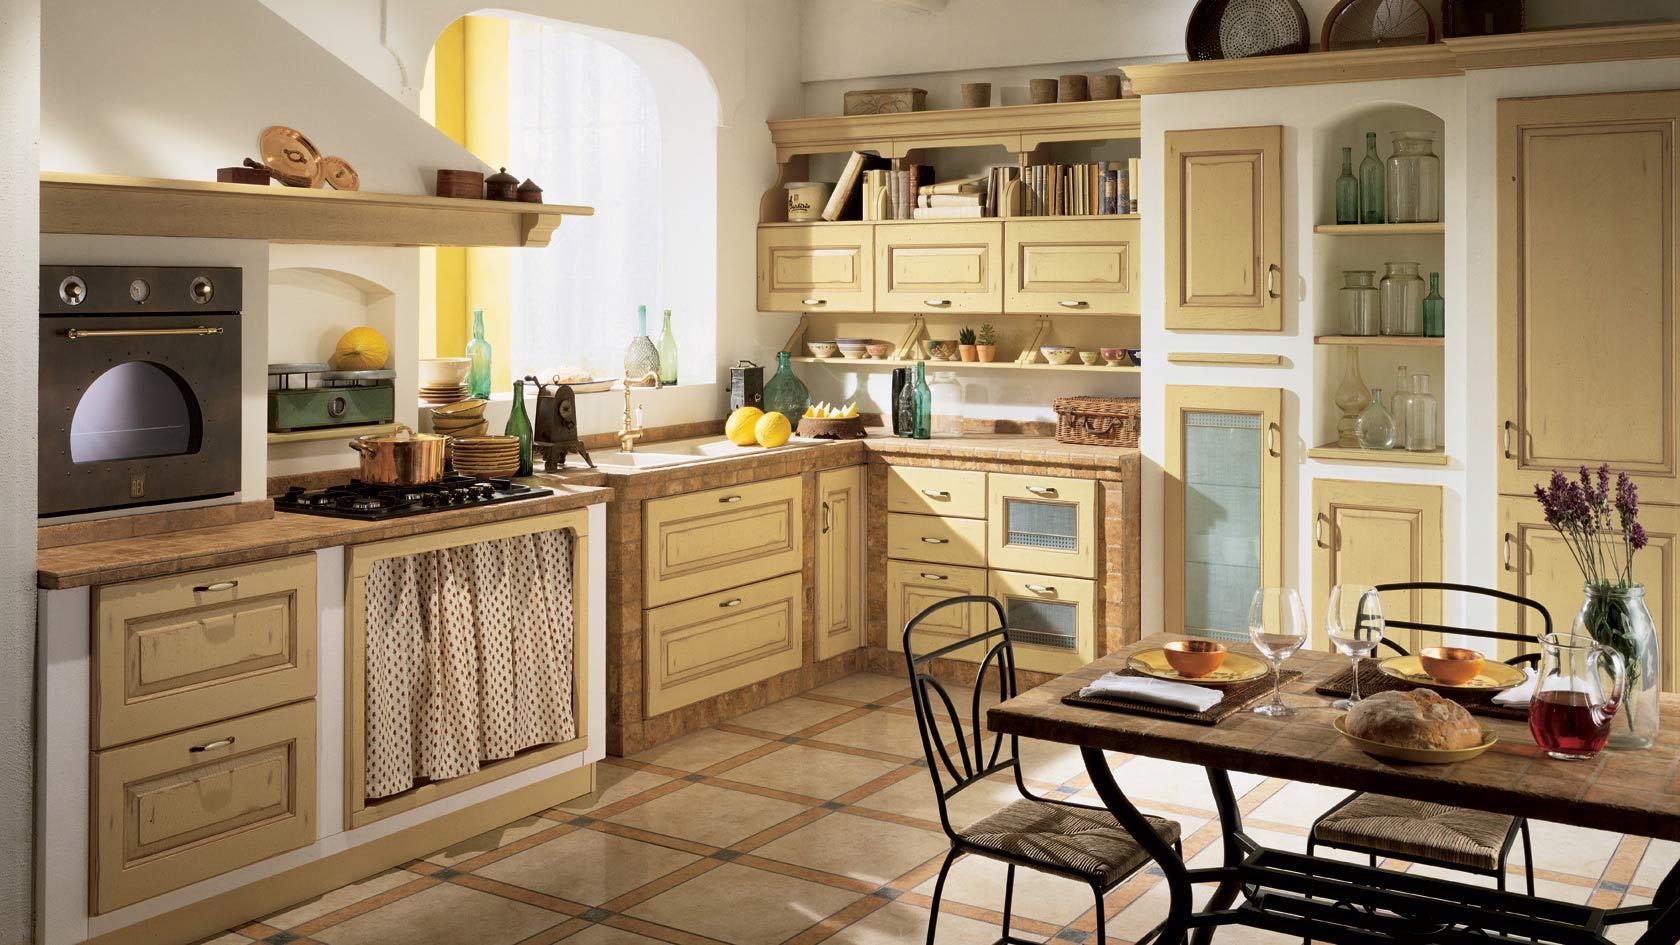 Come Rinnovare Una Cucina. Rinnovare Cucina In Legno With Come ...